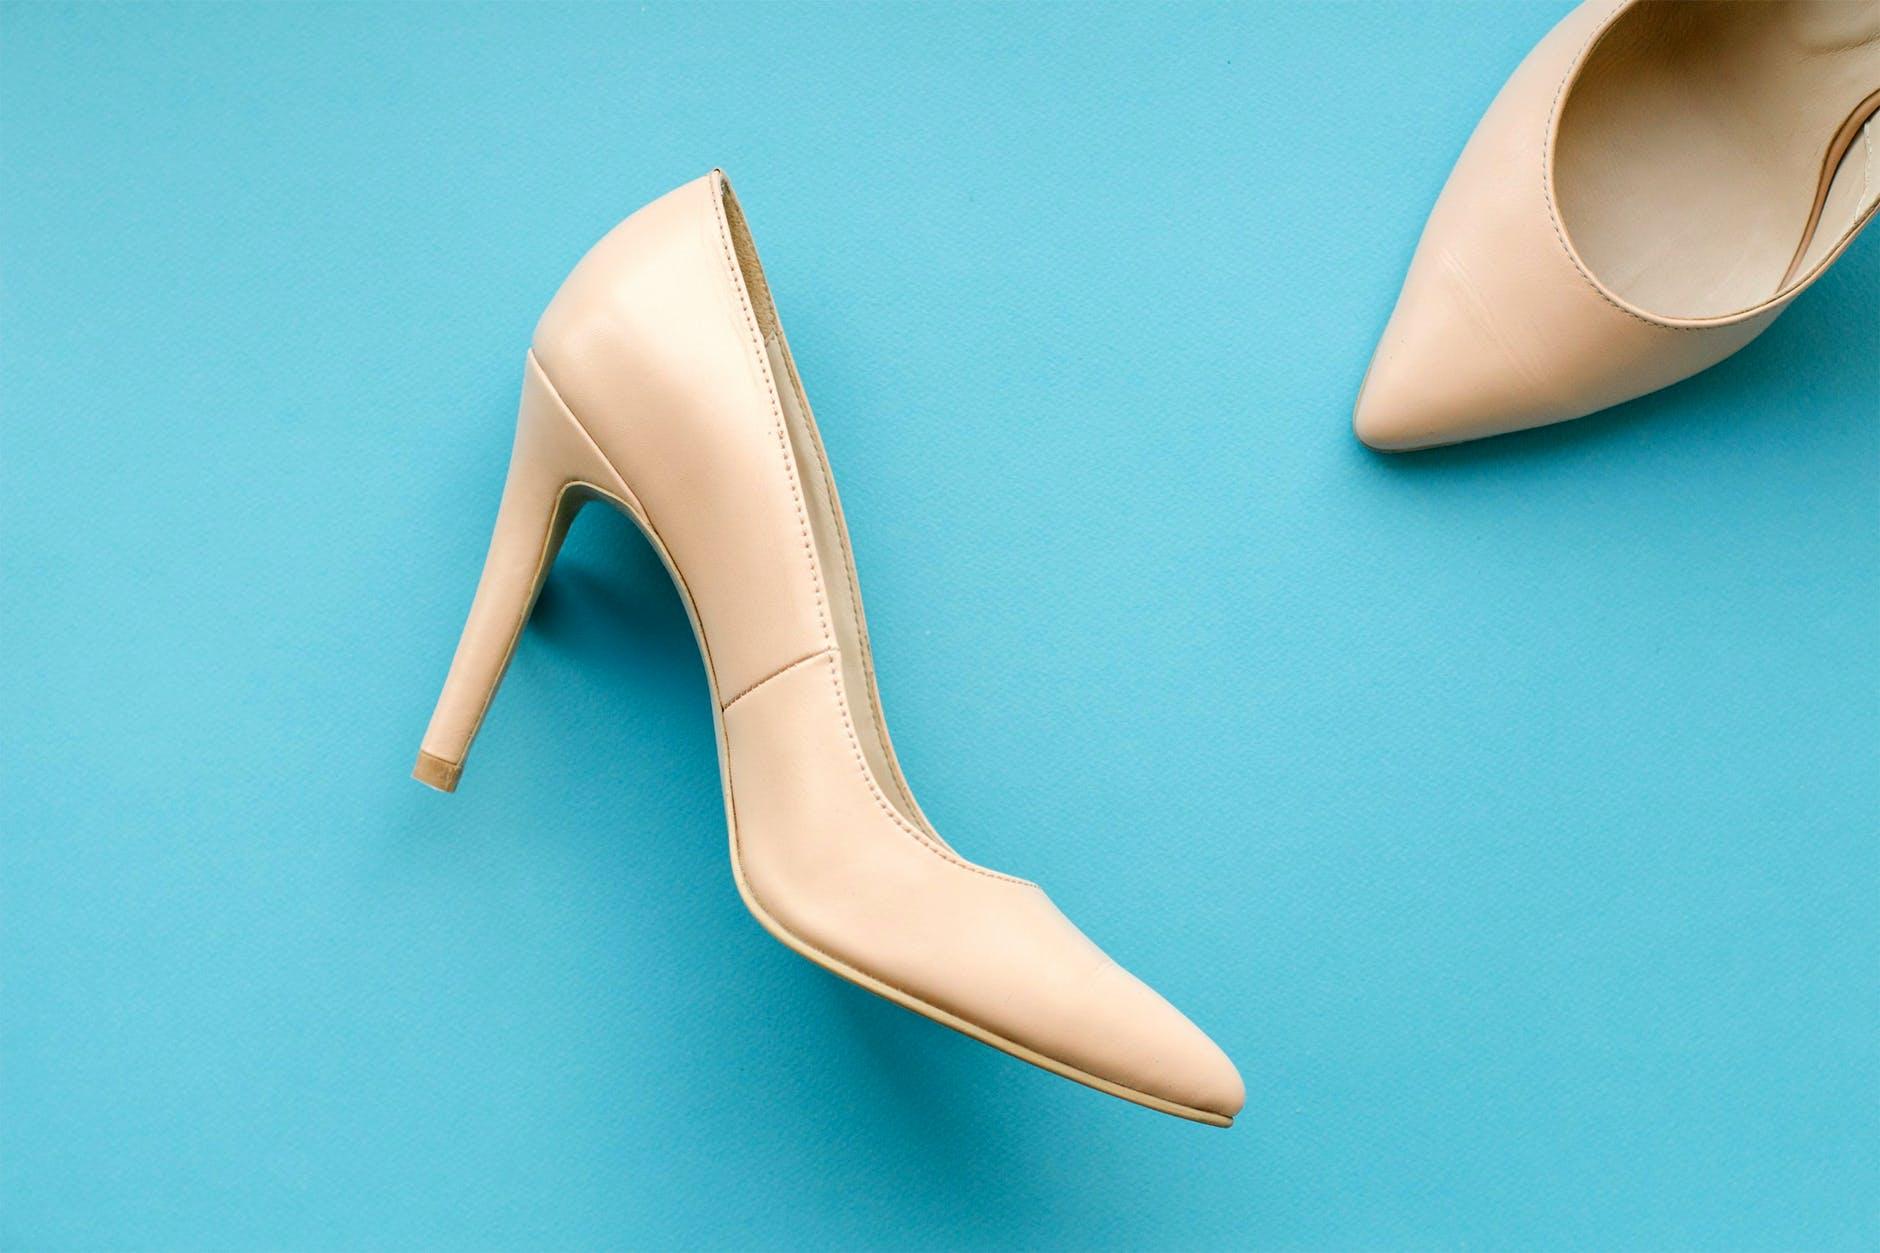 Trucos increíbles para que tus zapatos incómodos no te causen más problemas